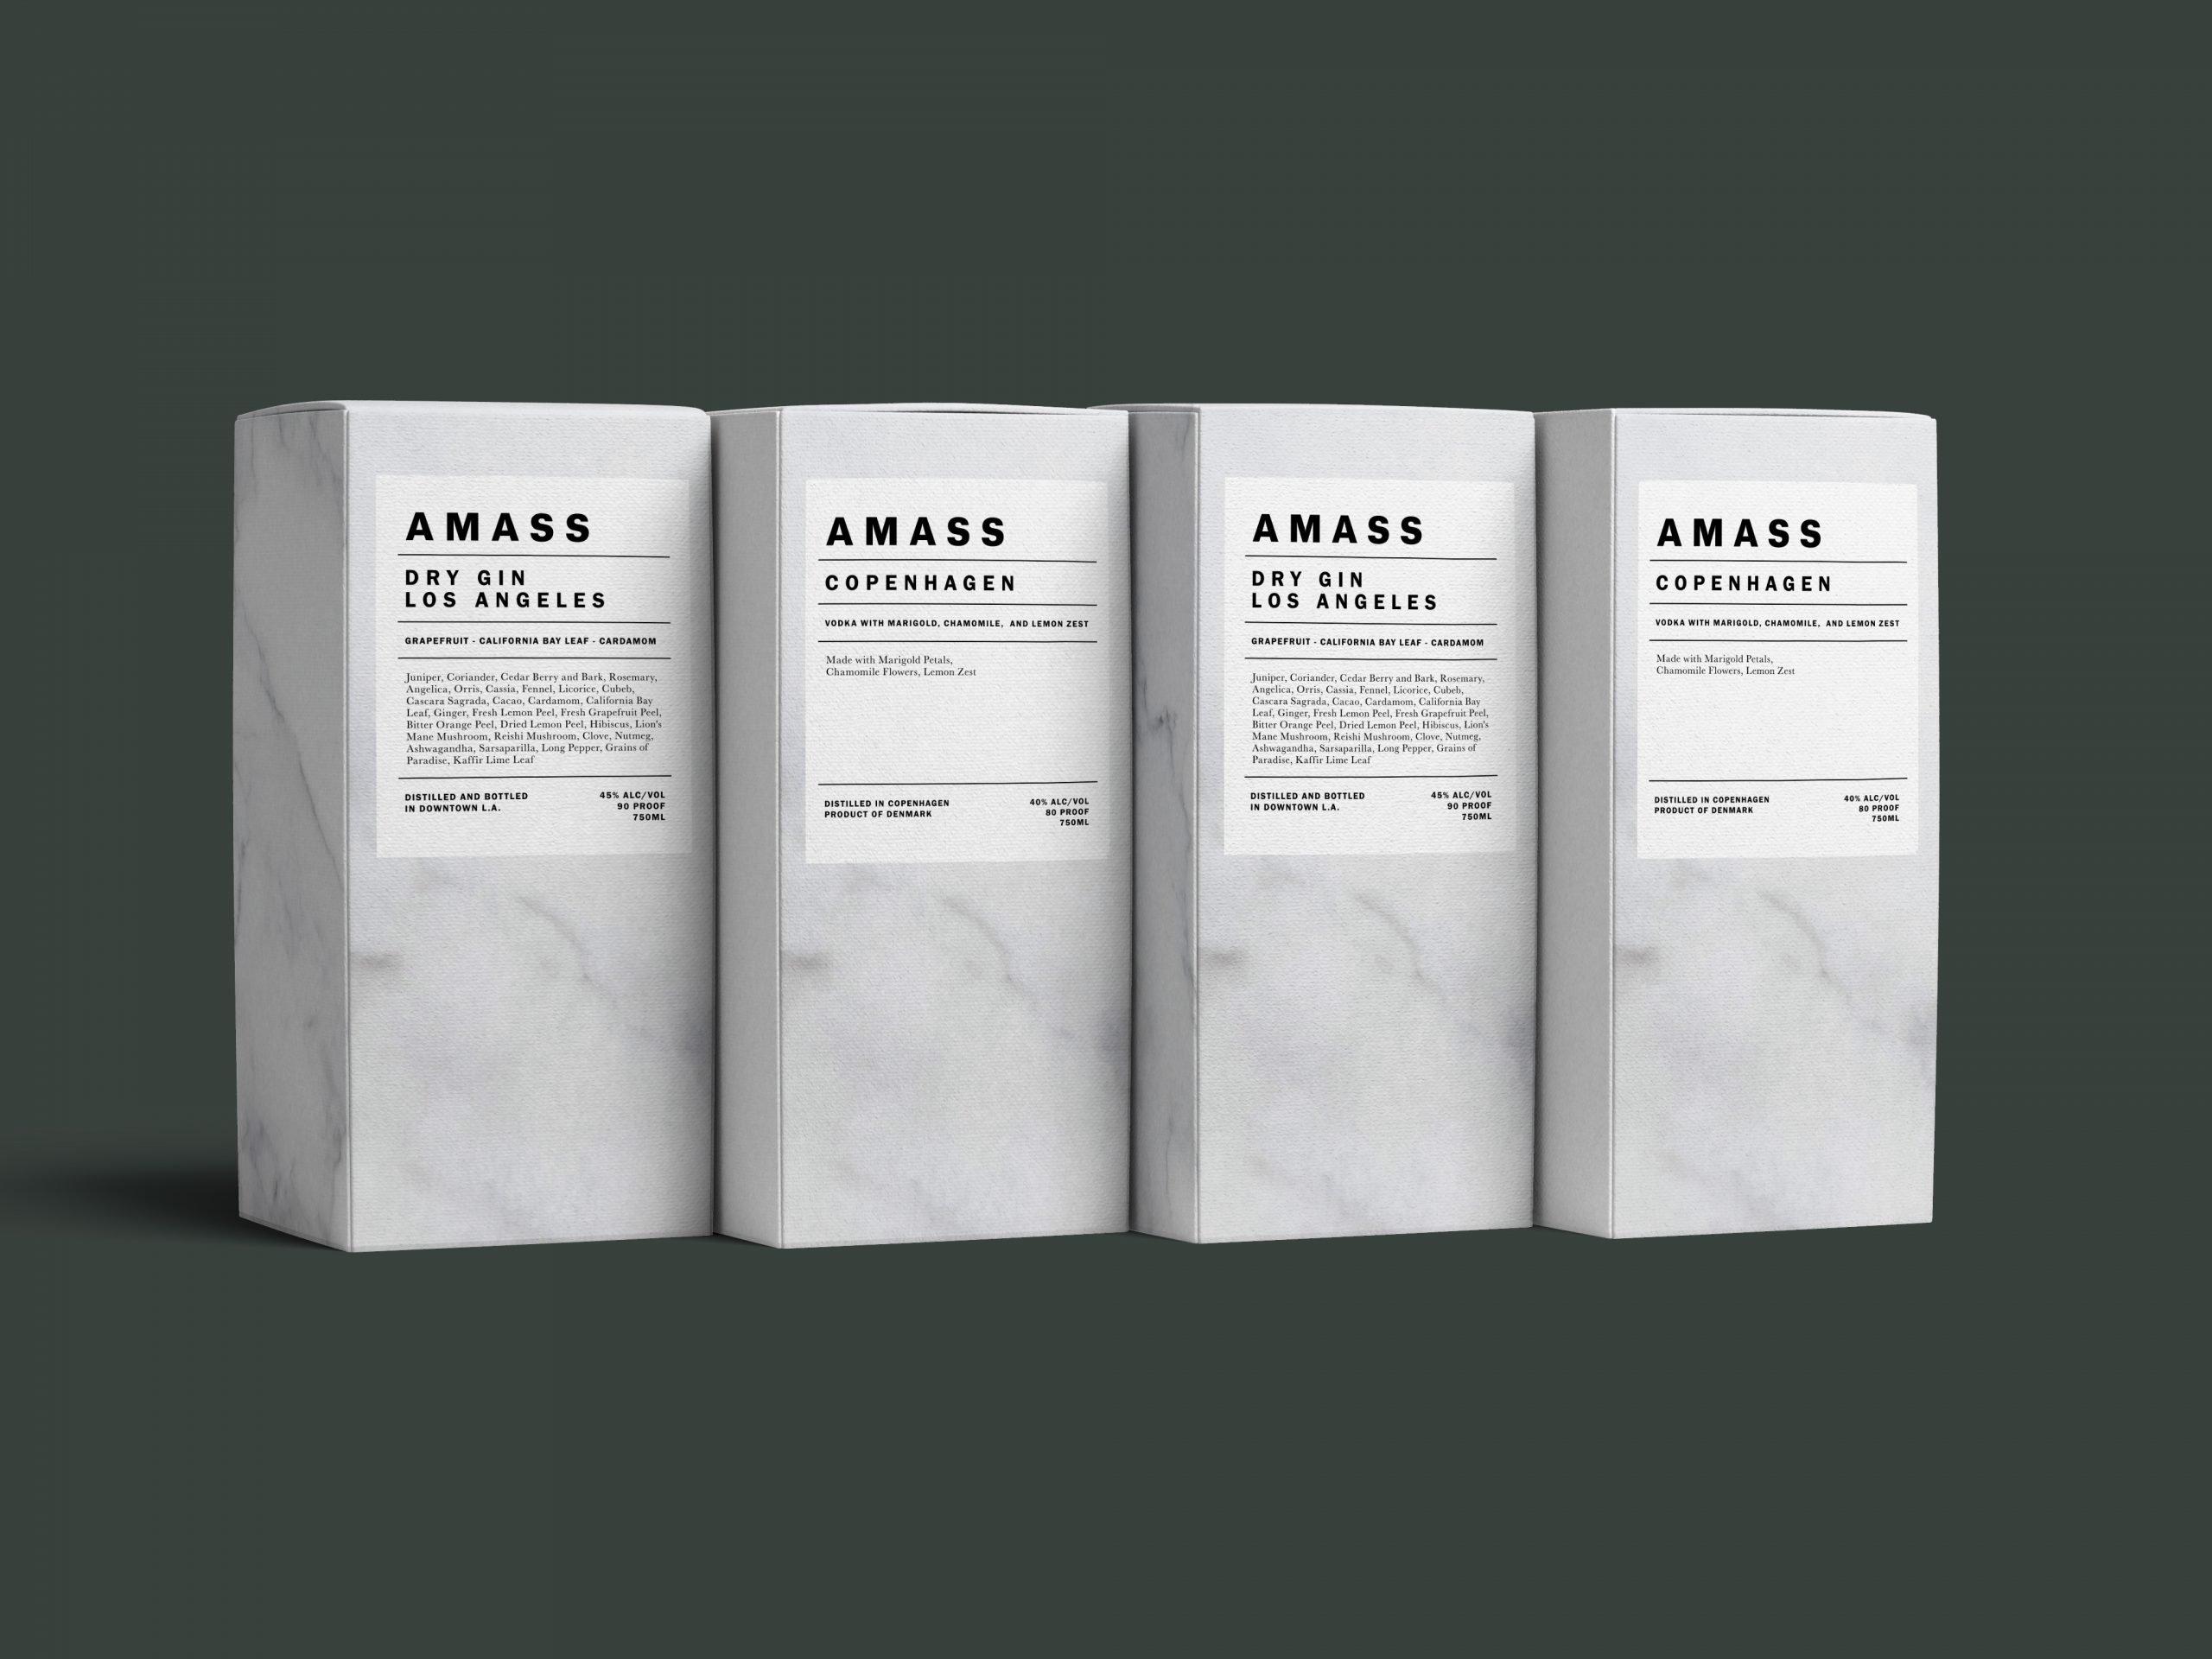 AMASS_BOX_MOCKUP